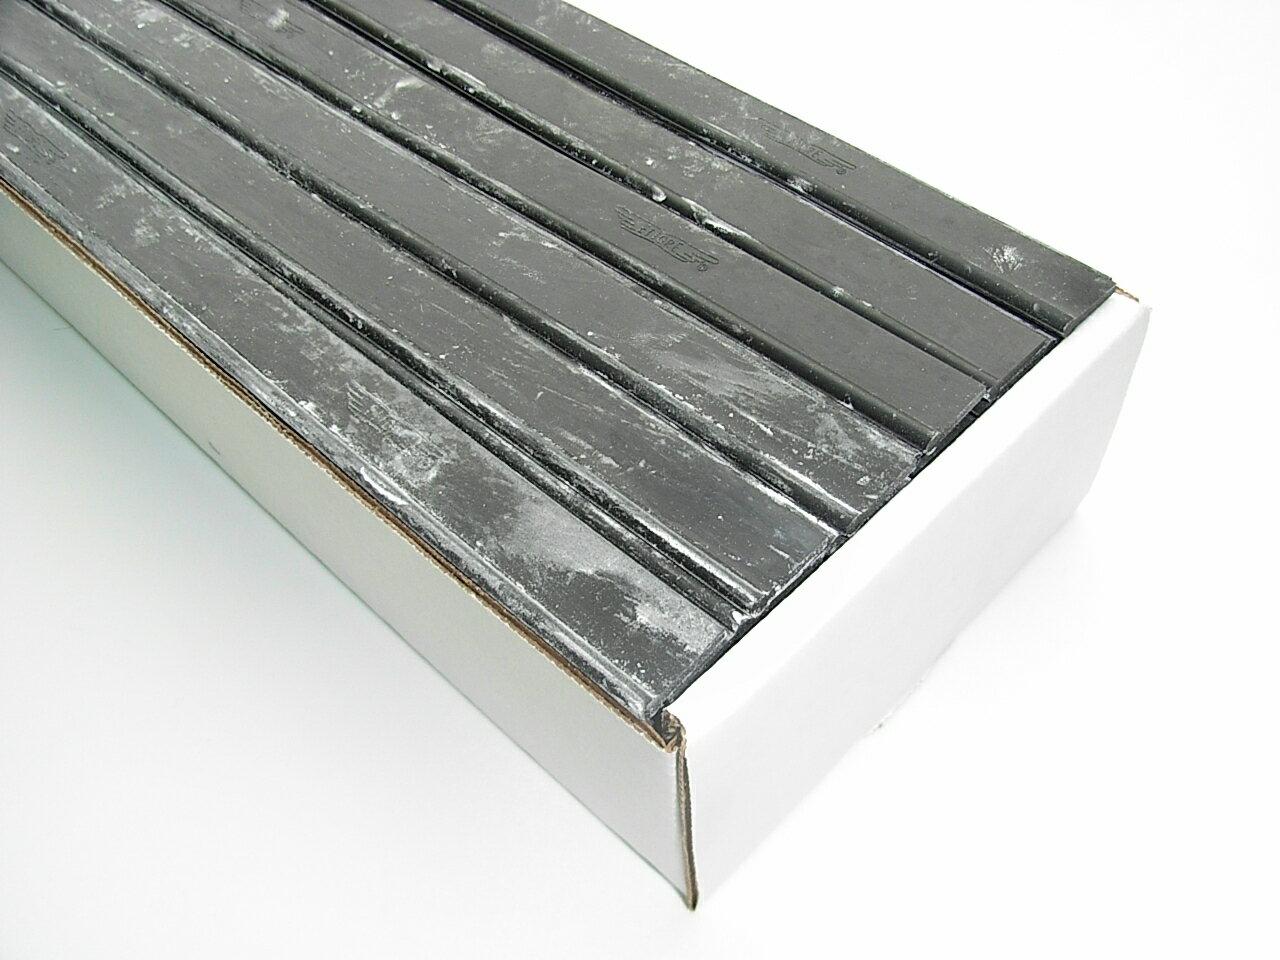 エトレー スペアラバー 55cm 144本入:ガラス清掃用品ヤマオカ